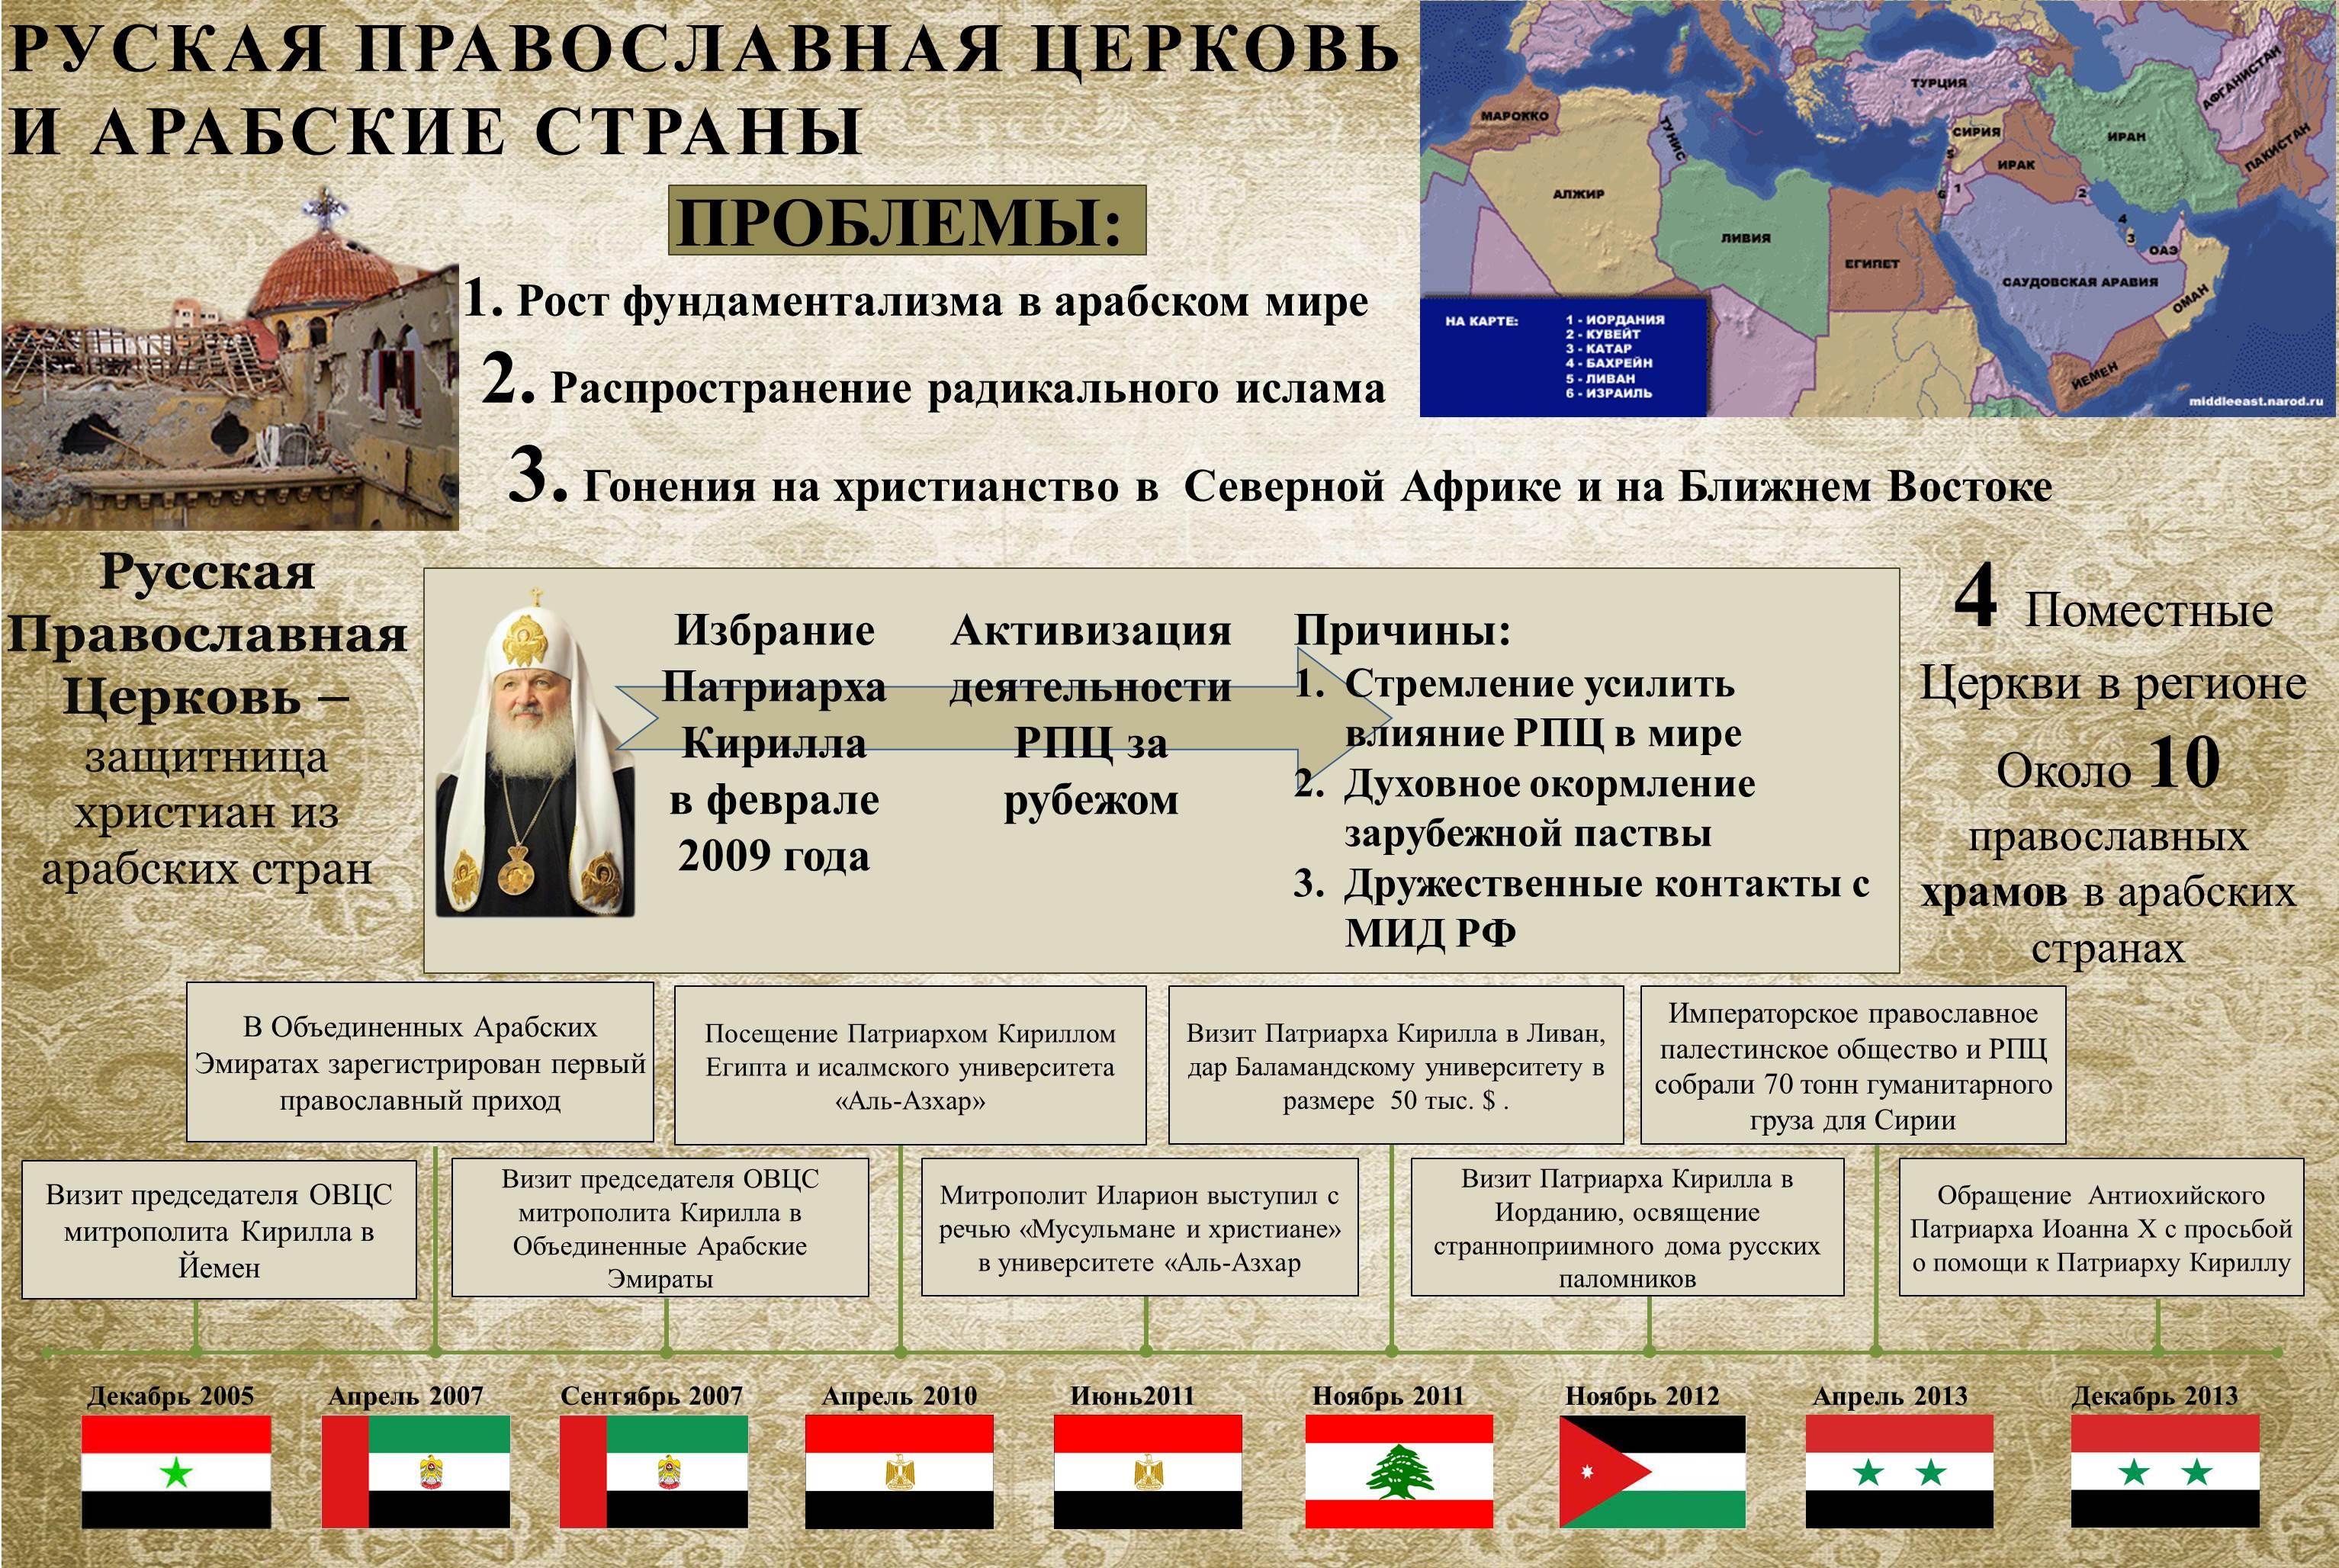 Инфографика Церковь и Арабский мир Портал Богослов ru Церковь и Арабский мир jpg